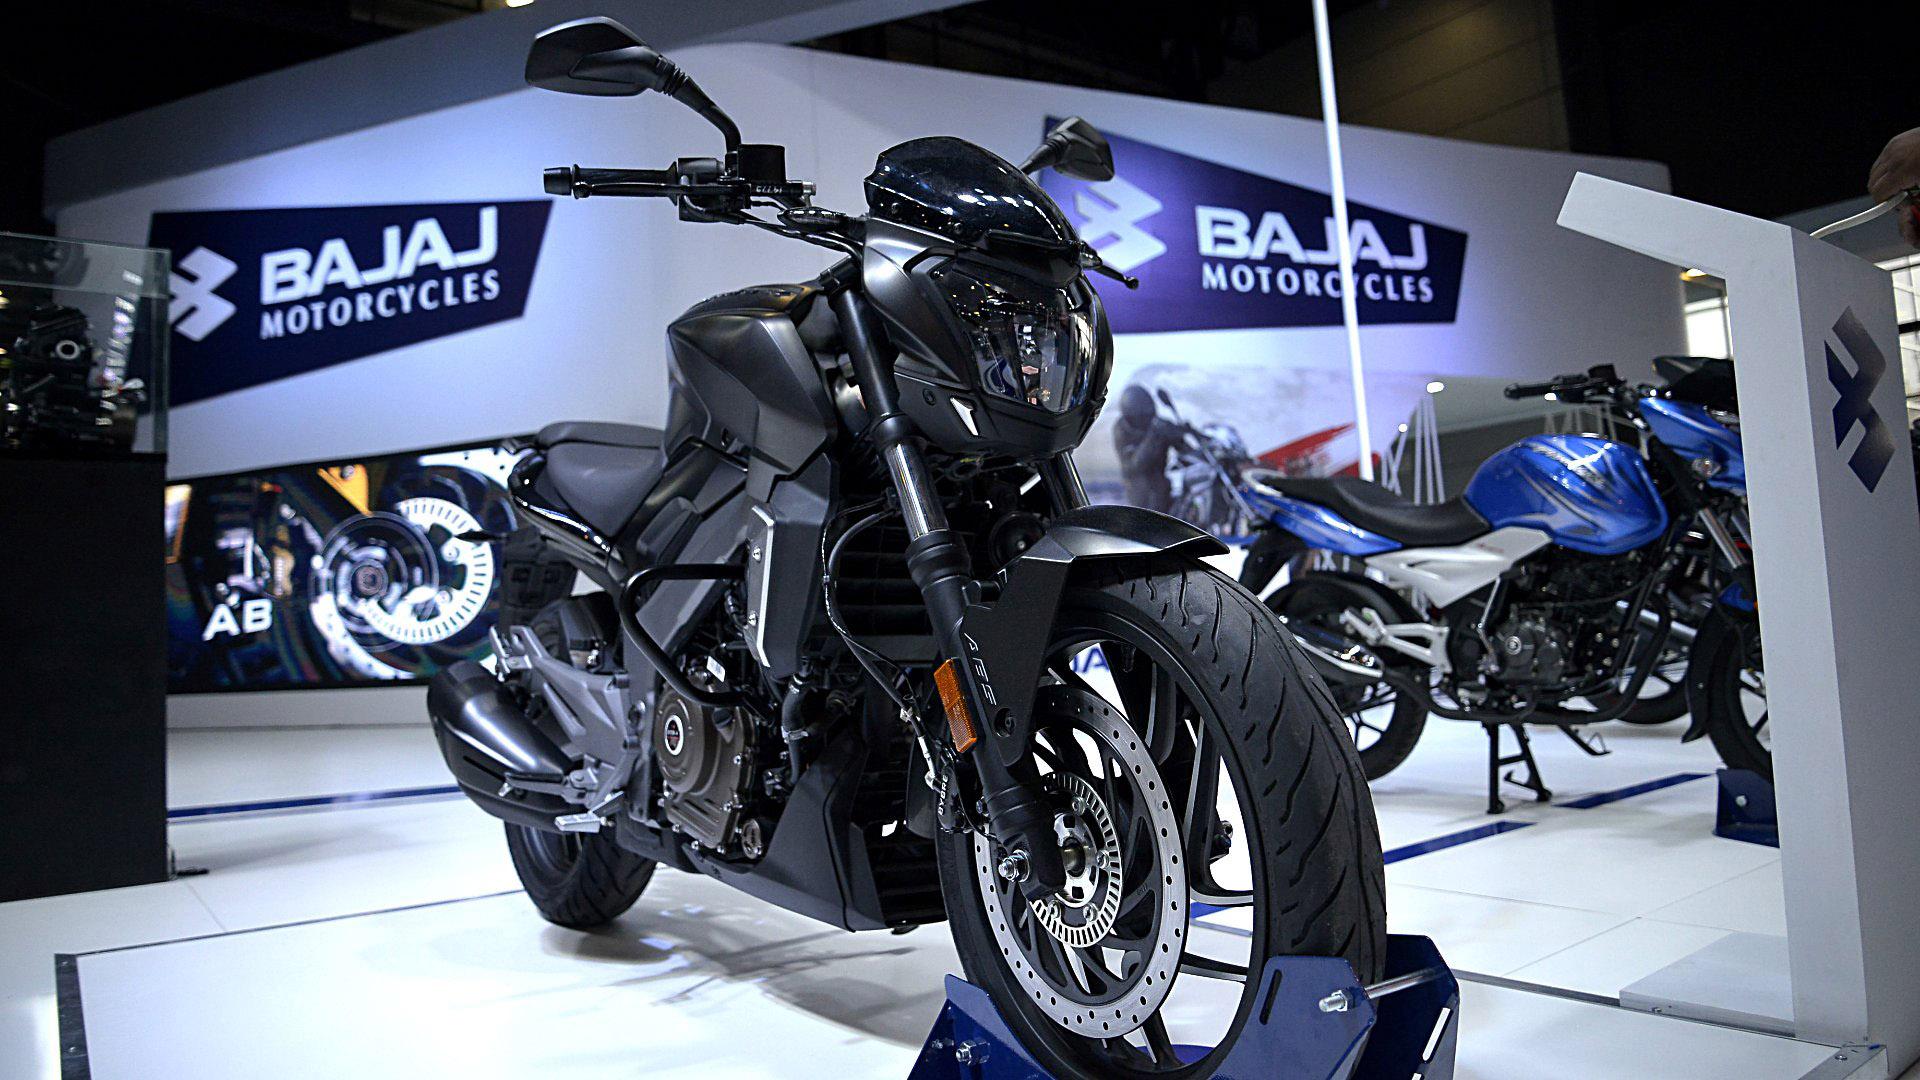 Bajaj presentó dos de sus grandes éxitos:la Dominar D400, uno de los modelos más destacados del fabricante indio,y la Rouser NS 200 FI, una unidad con inyección electrónica y ABS que la conviertenuna de las motos más potentes de su categoría